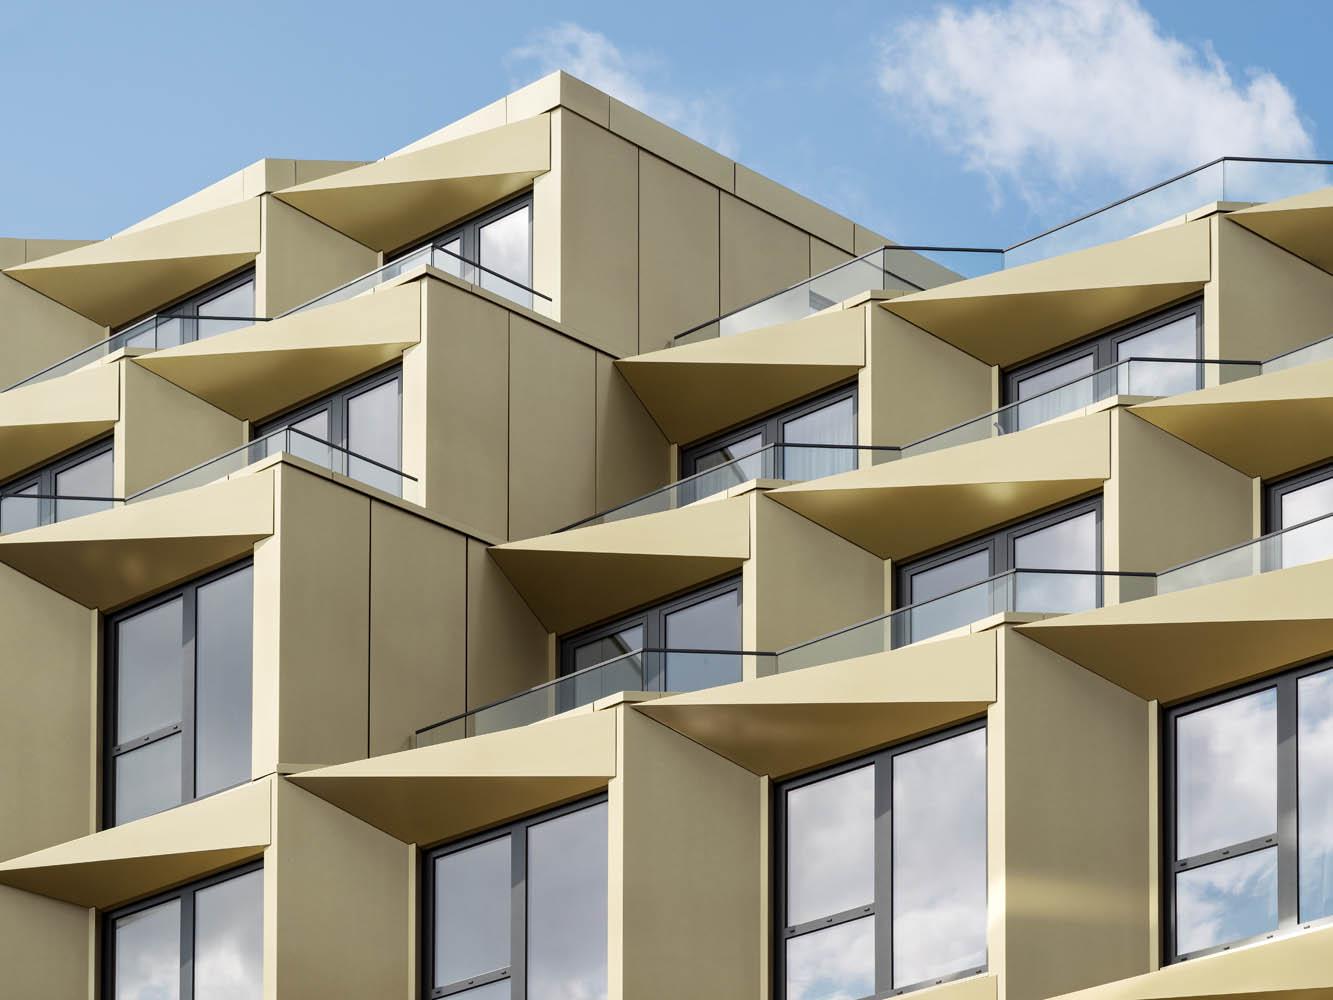 Architekturfotografie Axthelm Rolvien Architekturdokumentation Wohnhaus Living